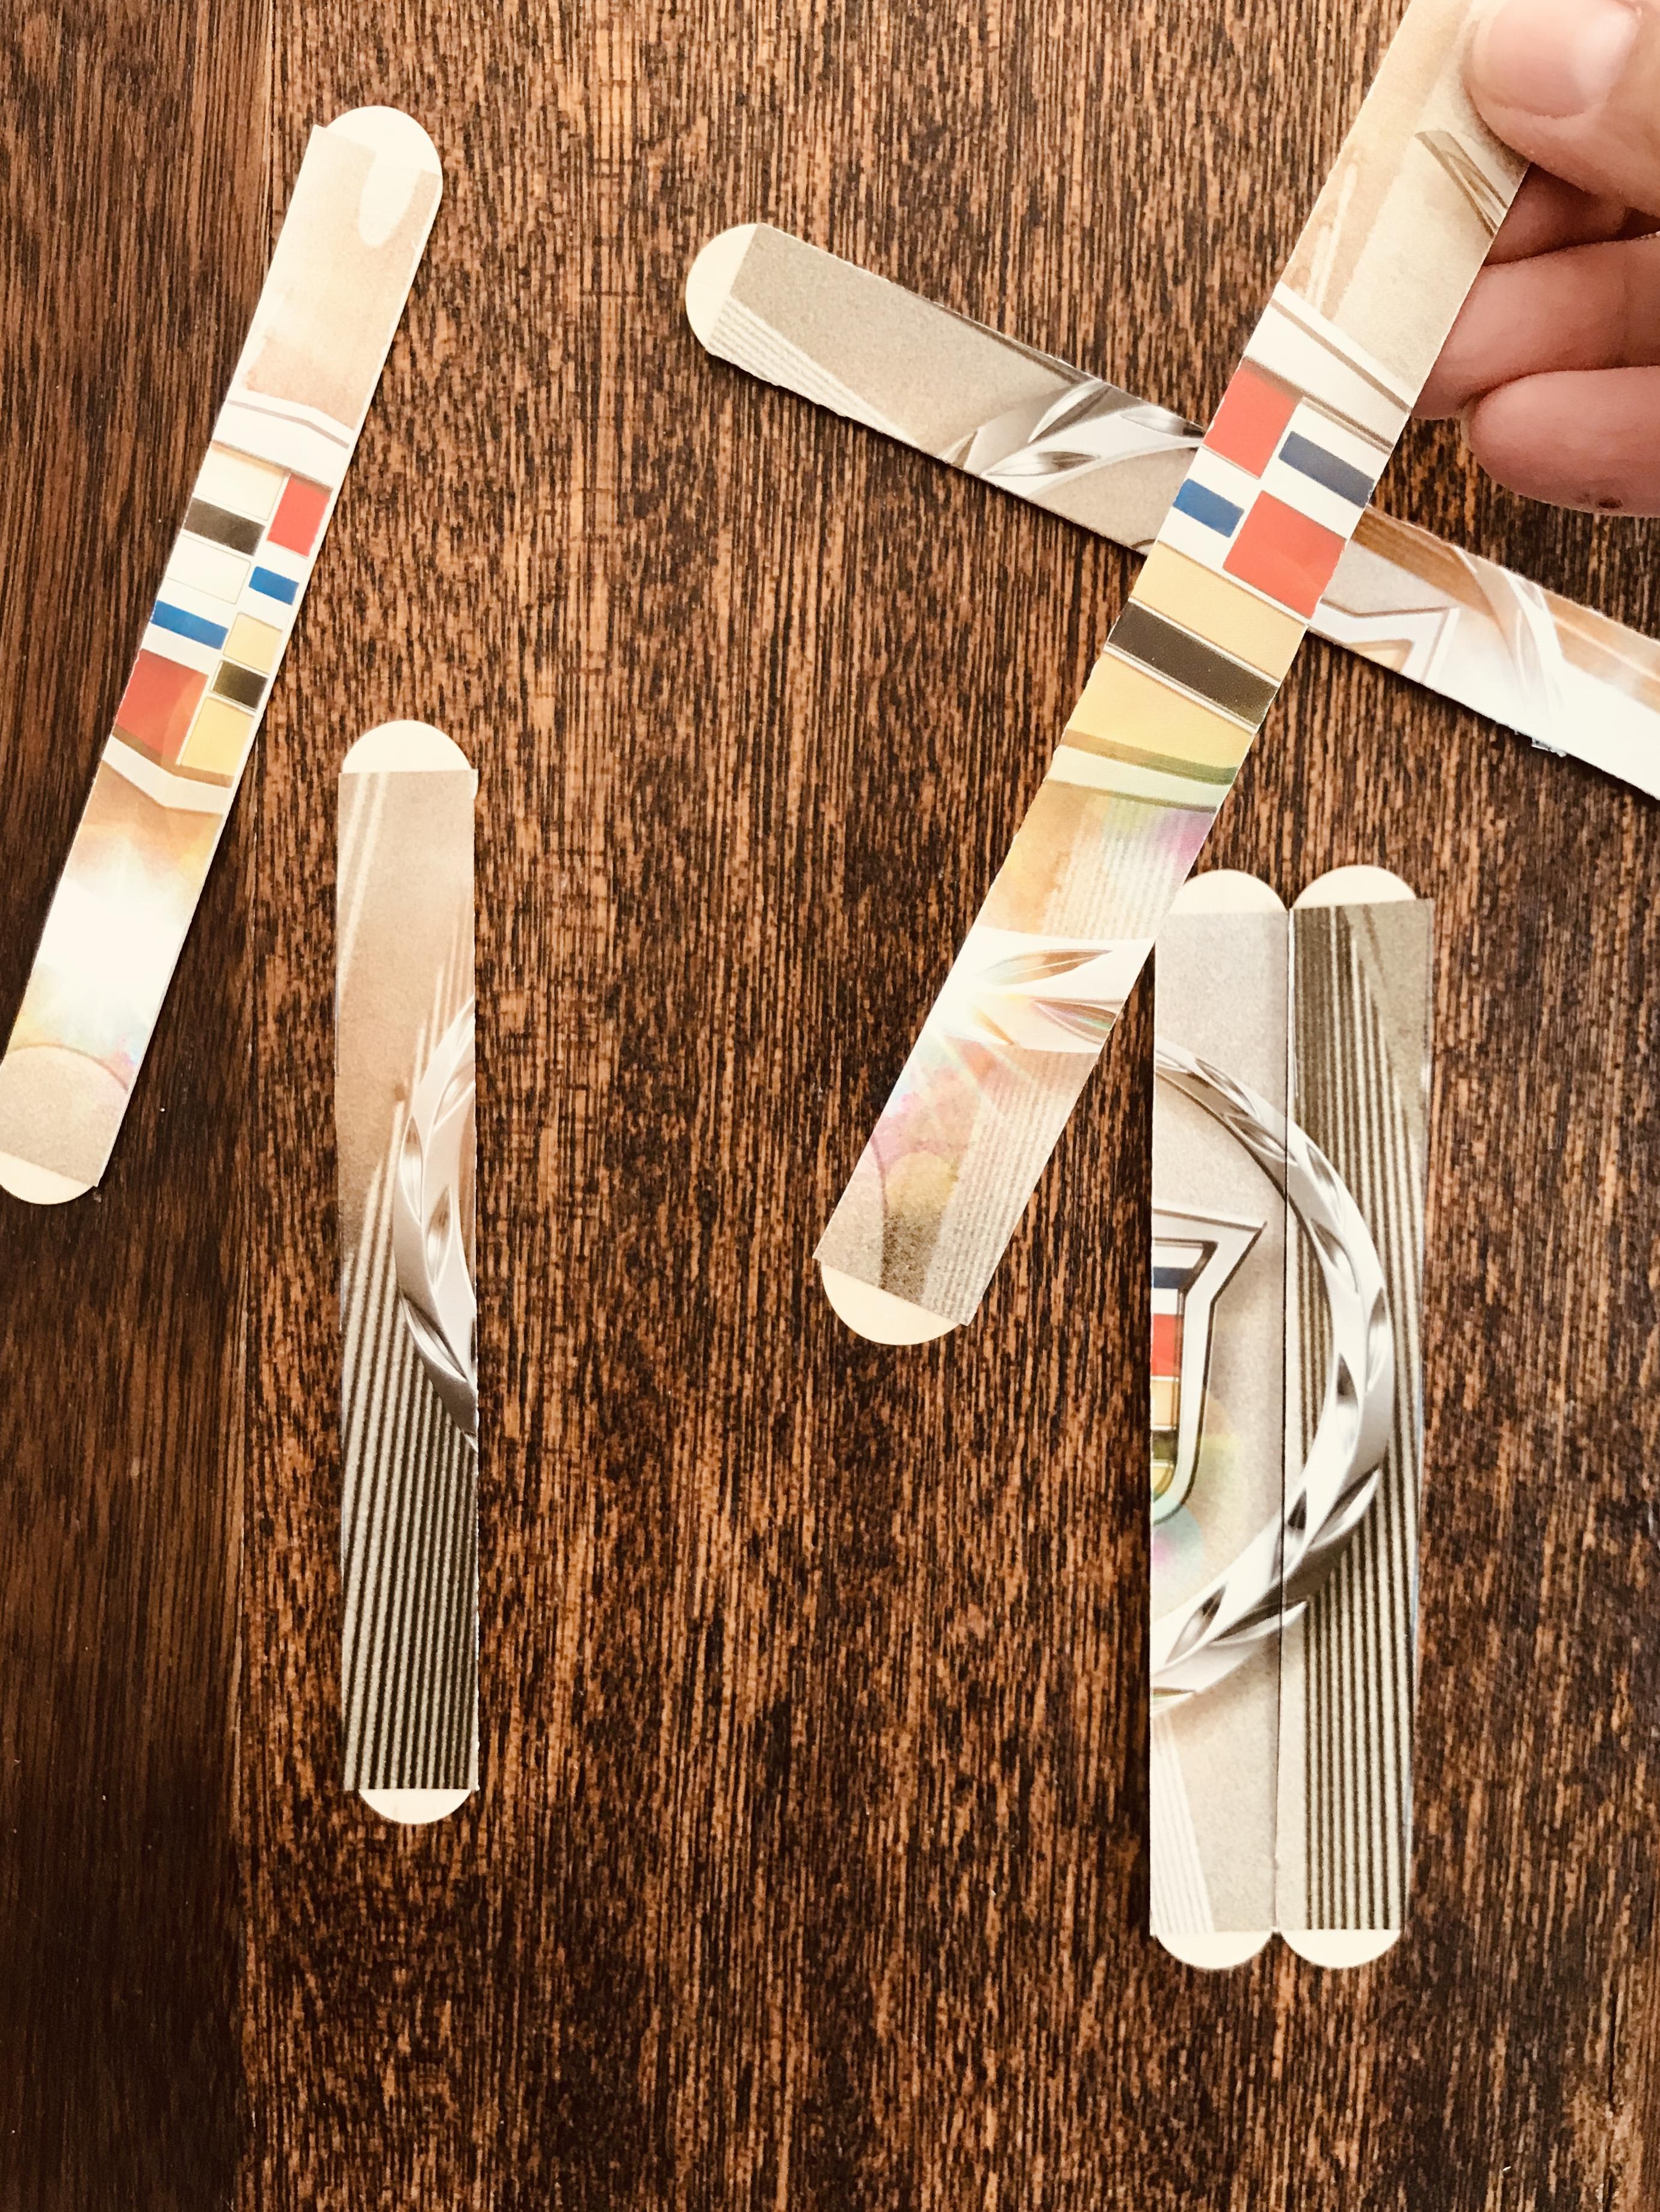 Shuffled popsicle stick image